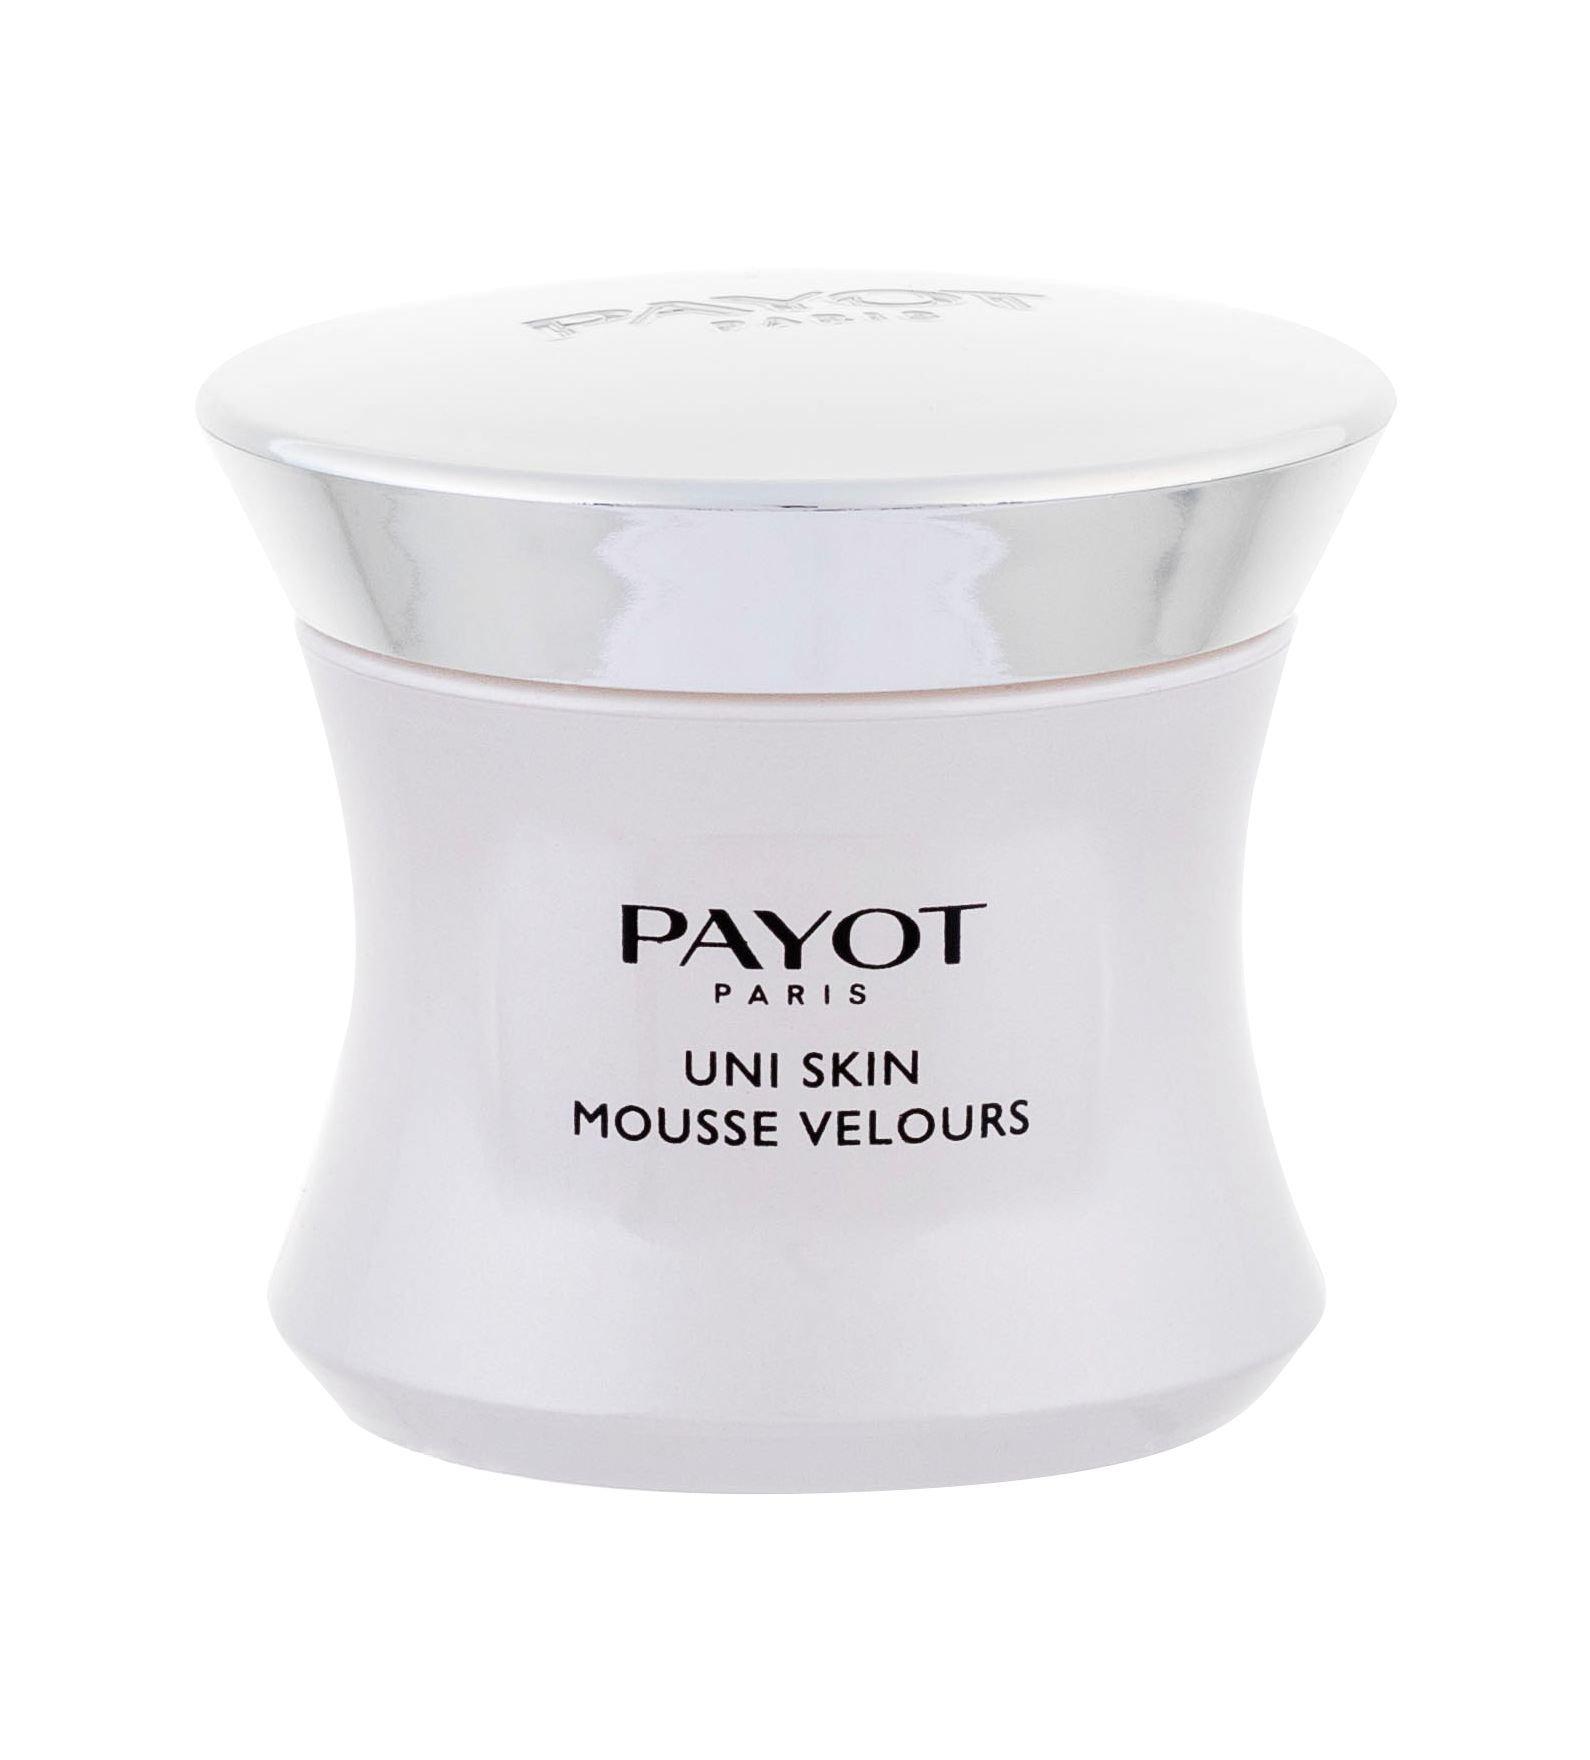 PAYOT Uni Skin Day Cream 50ml